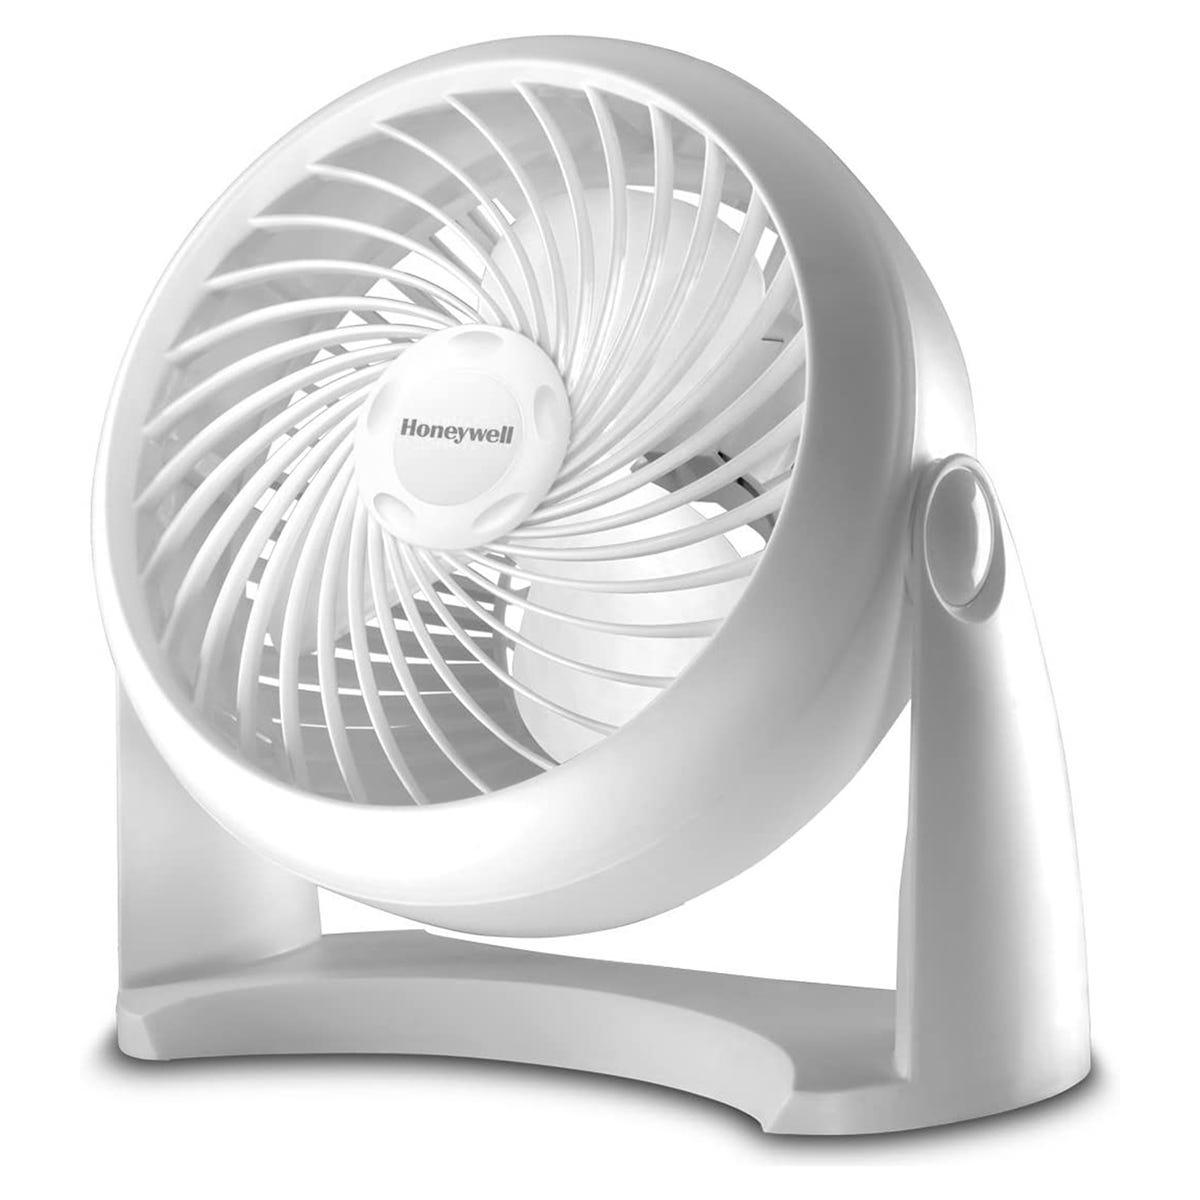 Honeywell HT904 Turbo Fan - White